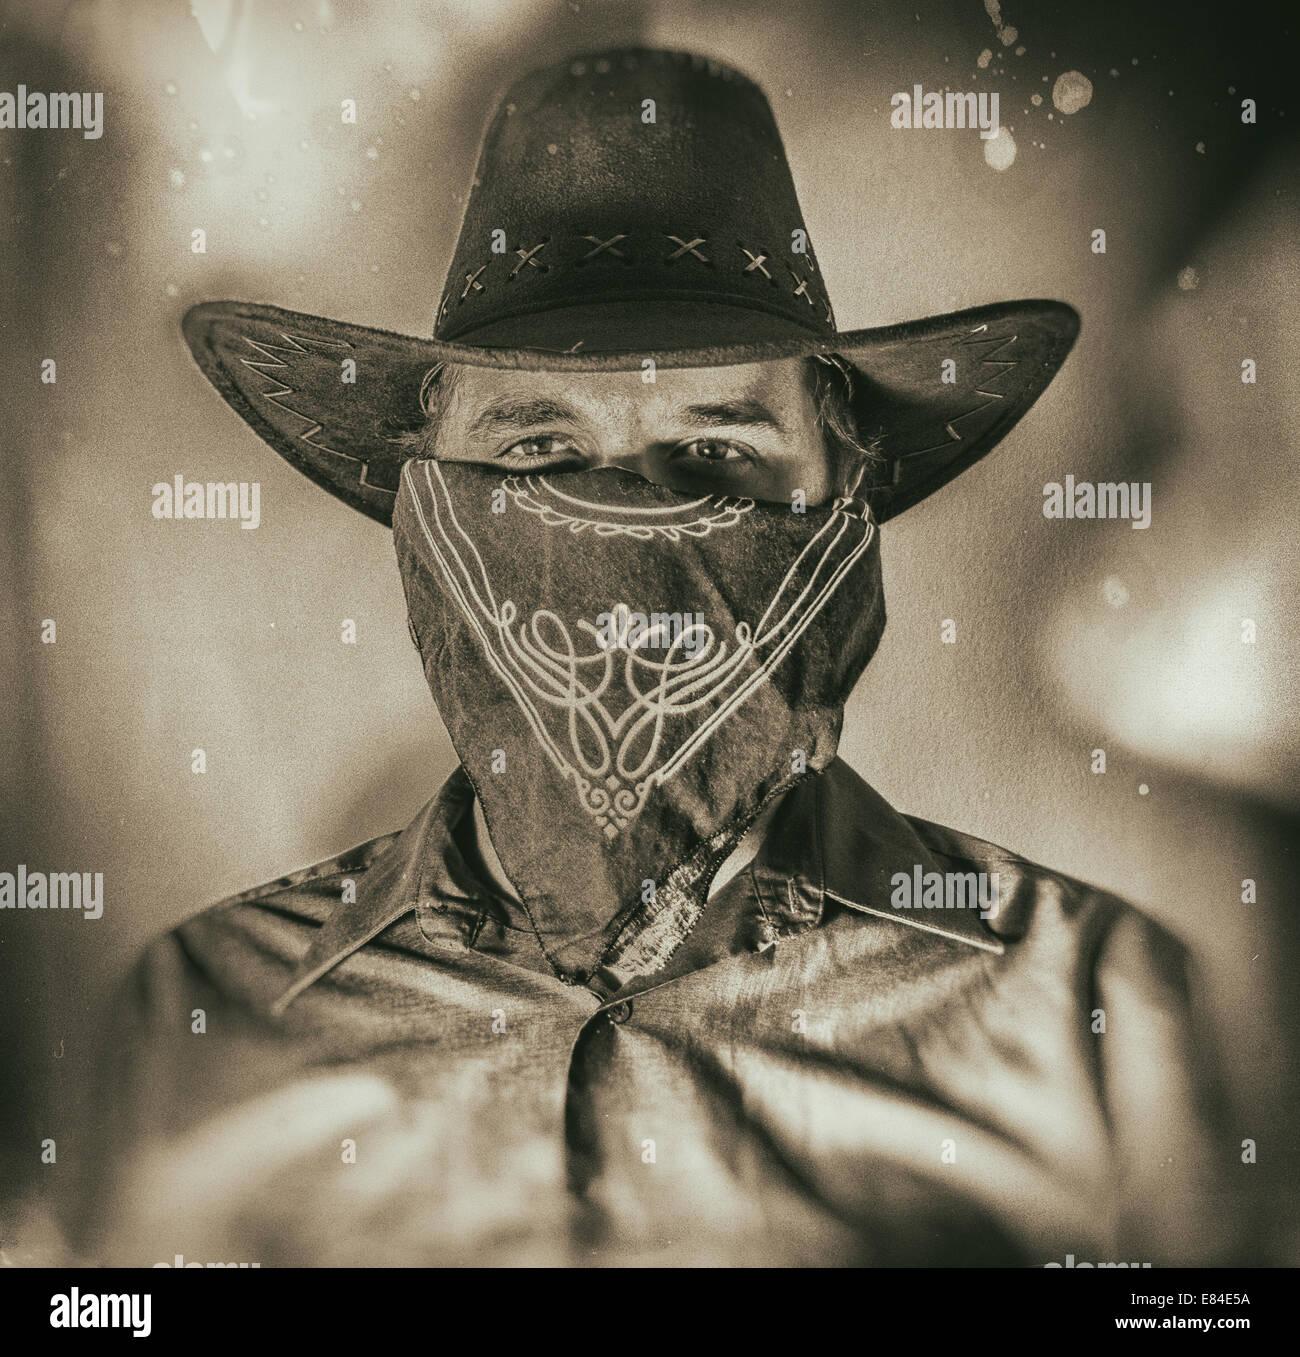 d7a444b9c3b Old West Cowboy Bandit 2 Stock Photo  73857654 - Alamy